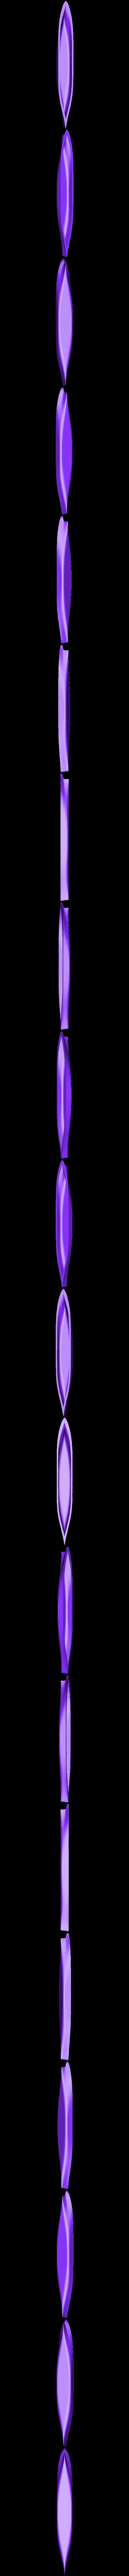 serie_60_una_pieza.stl Télécharger fichier STL gratuit Buque série 60 - Navire de la série 60 • Design pour impression 3D, saginau